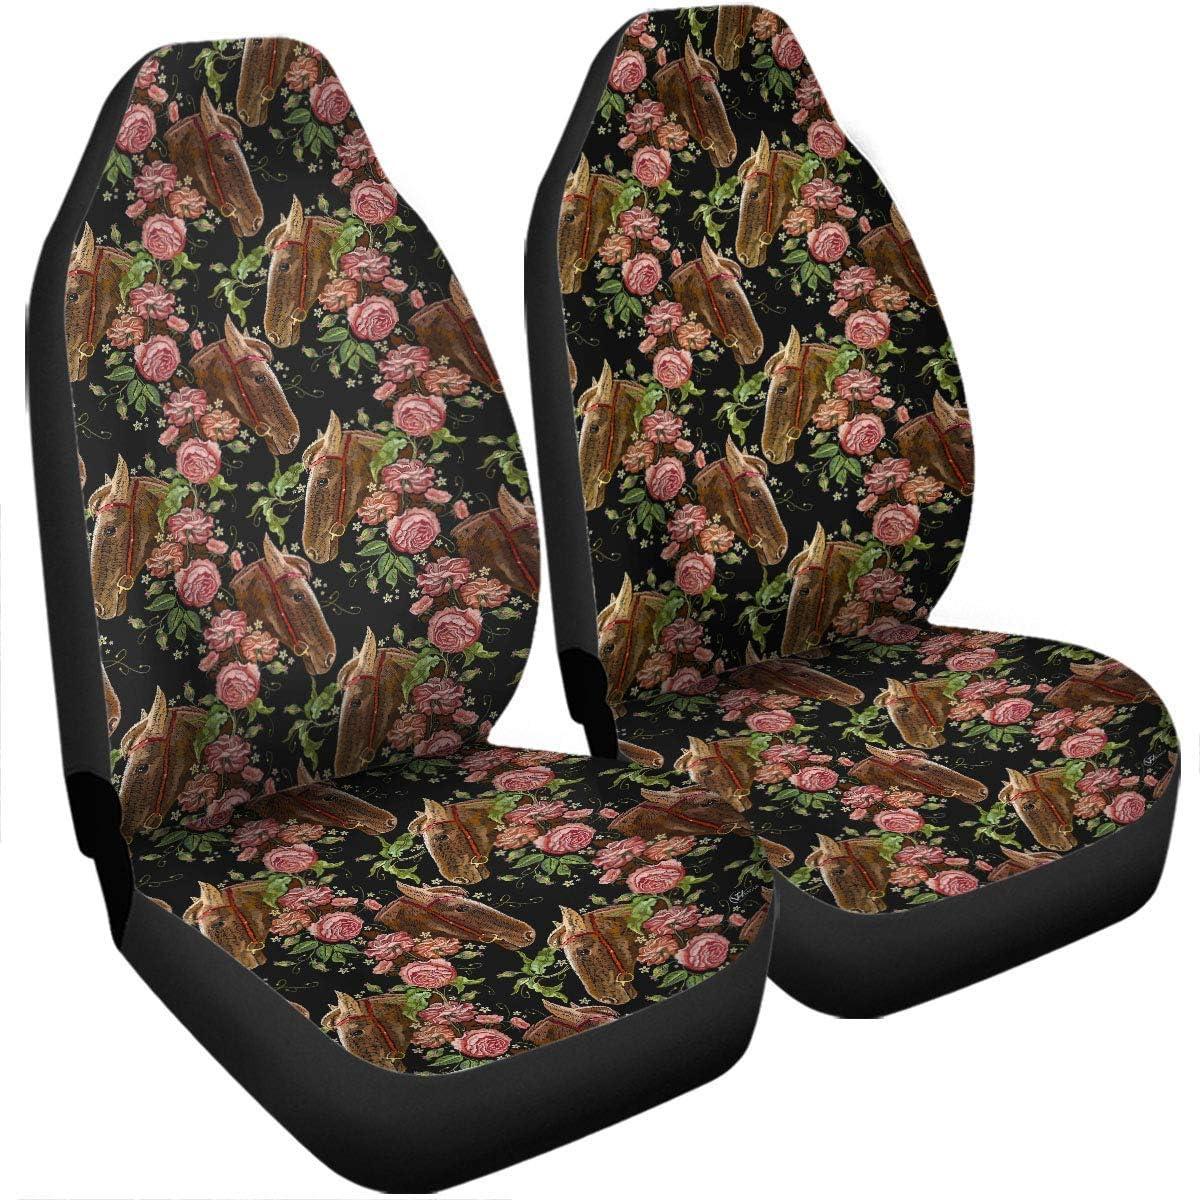 Drew Tours Fundas de Asiento compatibles con airbag de Caballo Vintage Floral, Accesorios de Coche, tamaño Universal, Apto para la mayoría de los Coches, SUV, Camiones